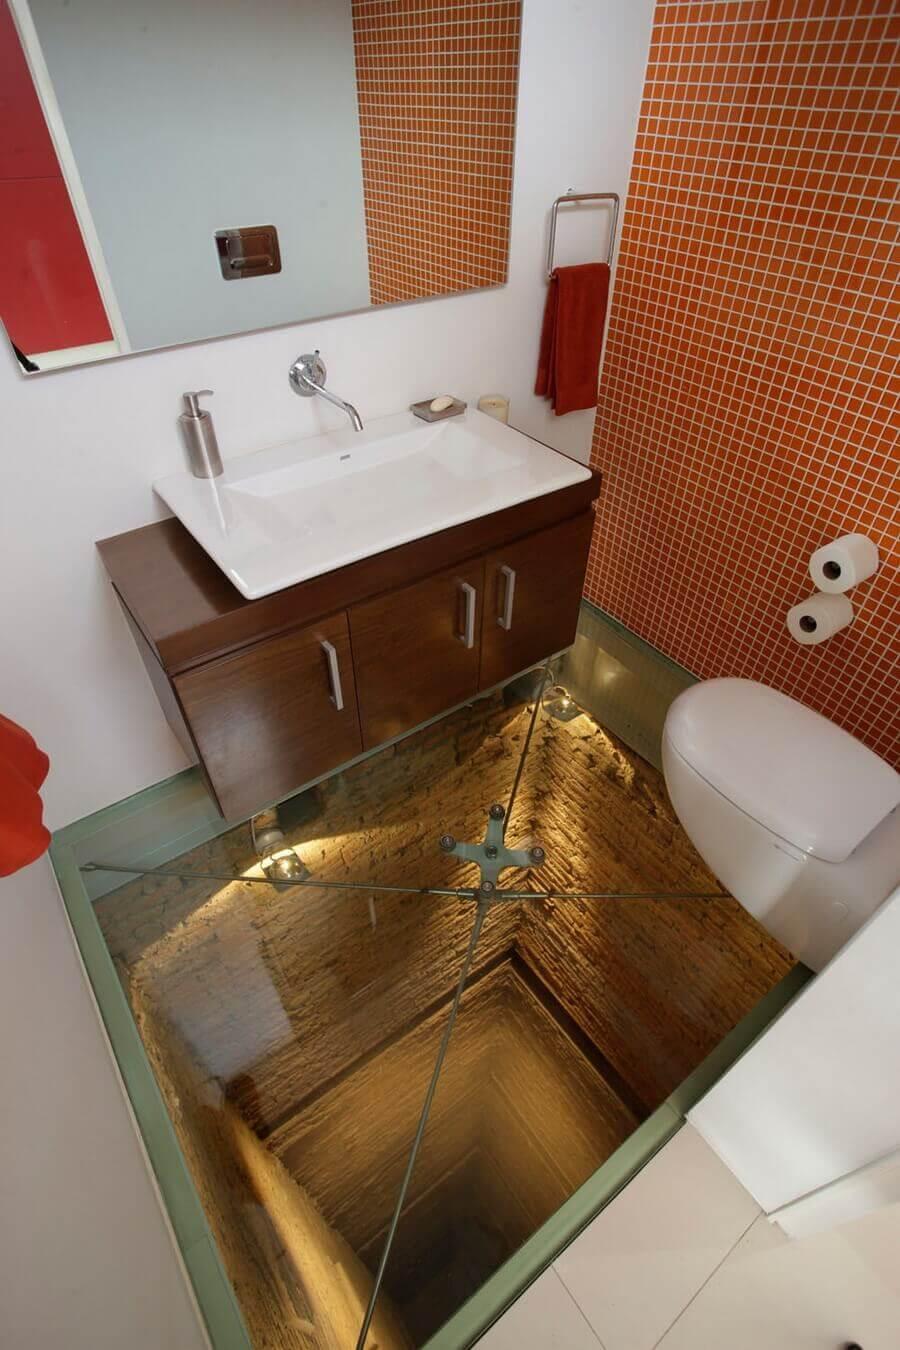 Glass Floor and an Open Shaft Below Your Bathroom